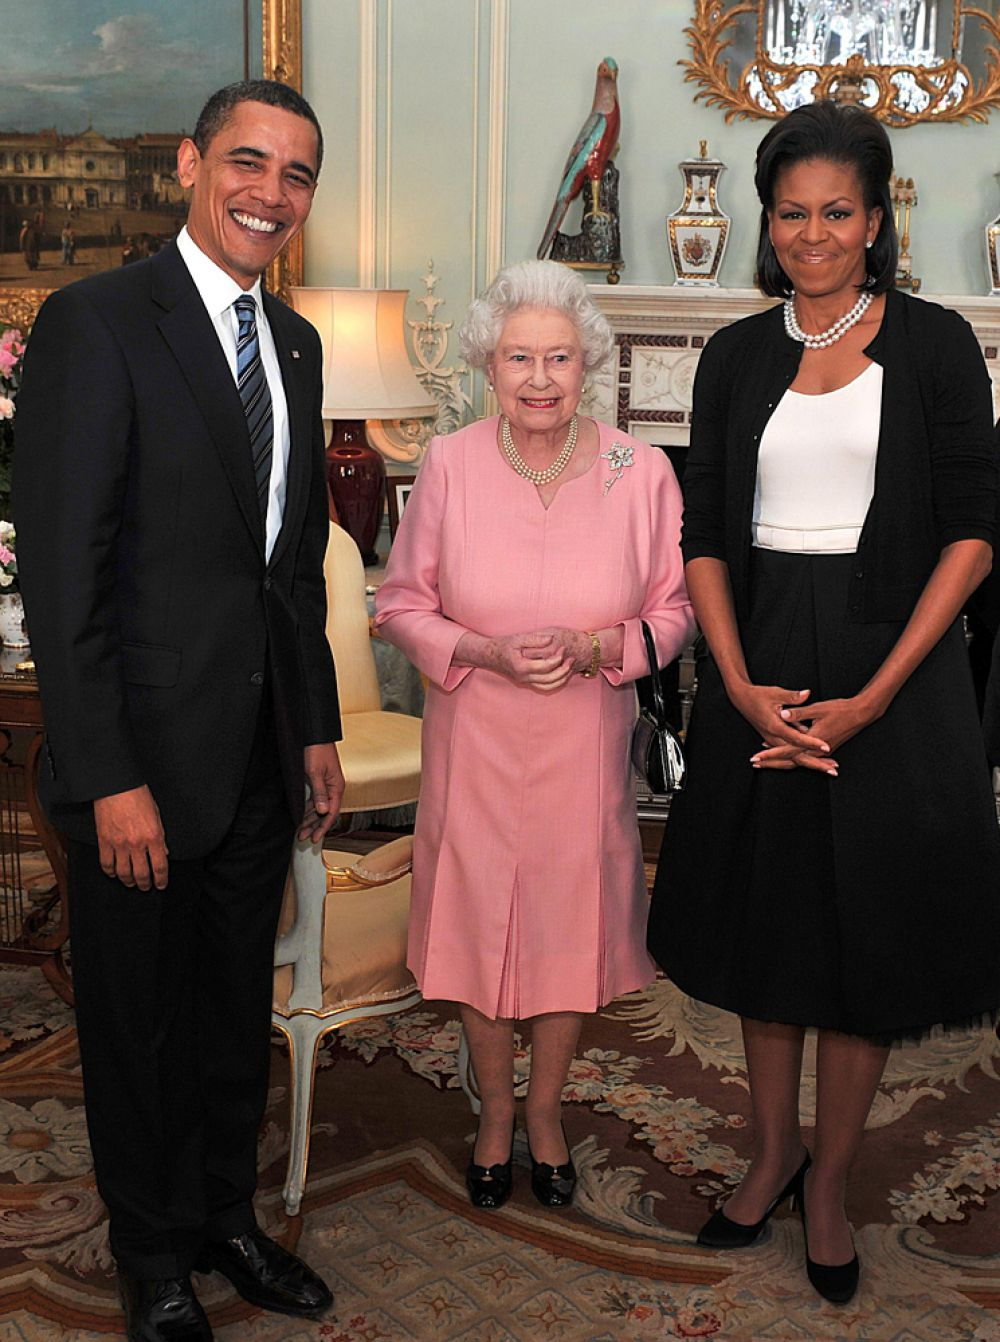 Королева - единственный житель Великобритании, который не имеет паспорта и прав. Однако это не мешает ей активно путешествовать и водить машину. Кстати, за руль она впервые села в 19 лет. Имея за спиной 67-летний стаж вождения, королева была замечена папарацци за рулем в 2012 году. В машине без сопровождения Елизавета II возвращалась из шотландской резиденции, где она охотилась на рябчиков.